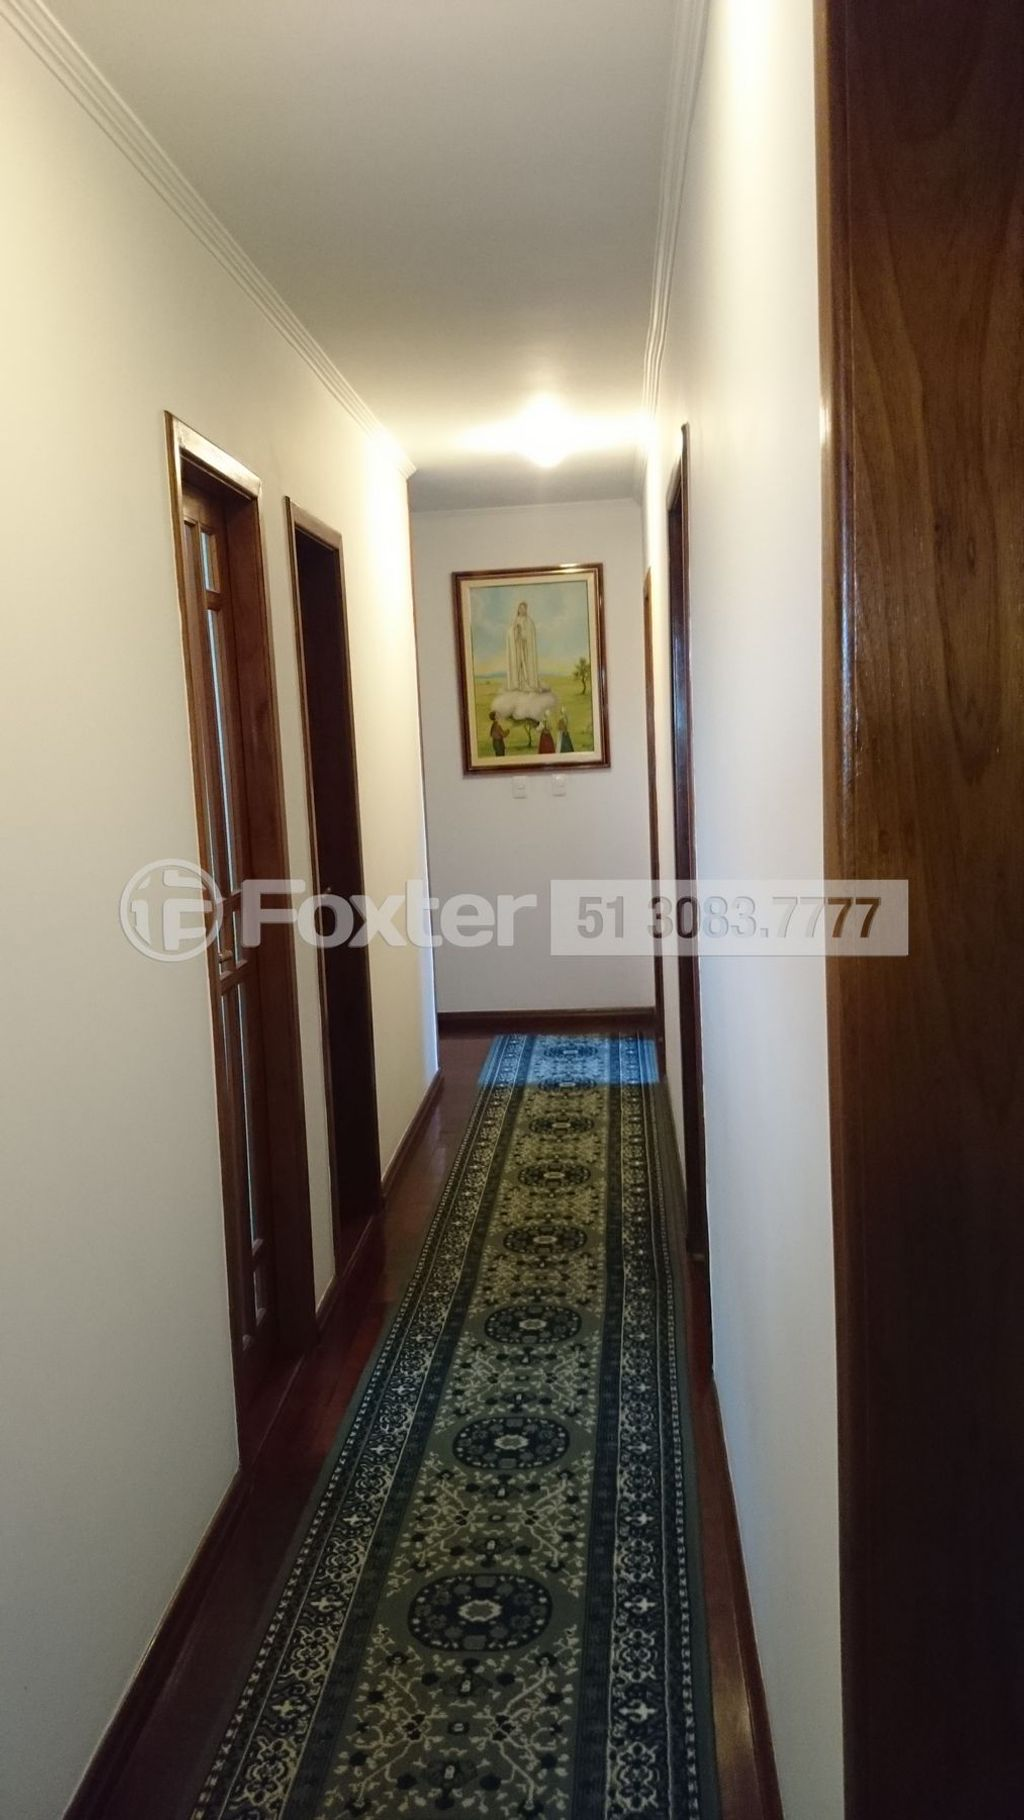 Foxter Imobiliária - Cobertura 3 Dorm (137279) - Foto 15